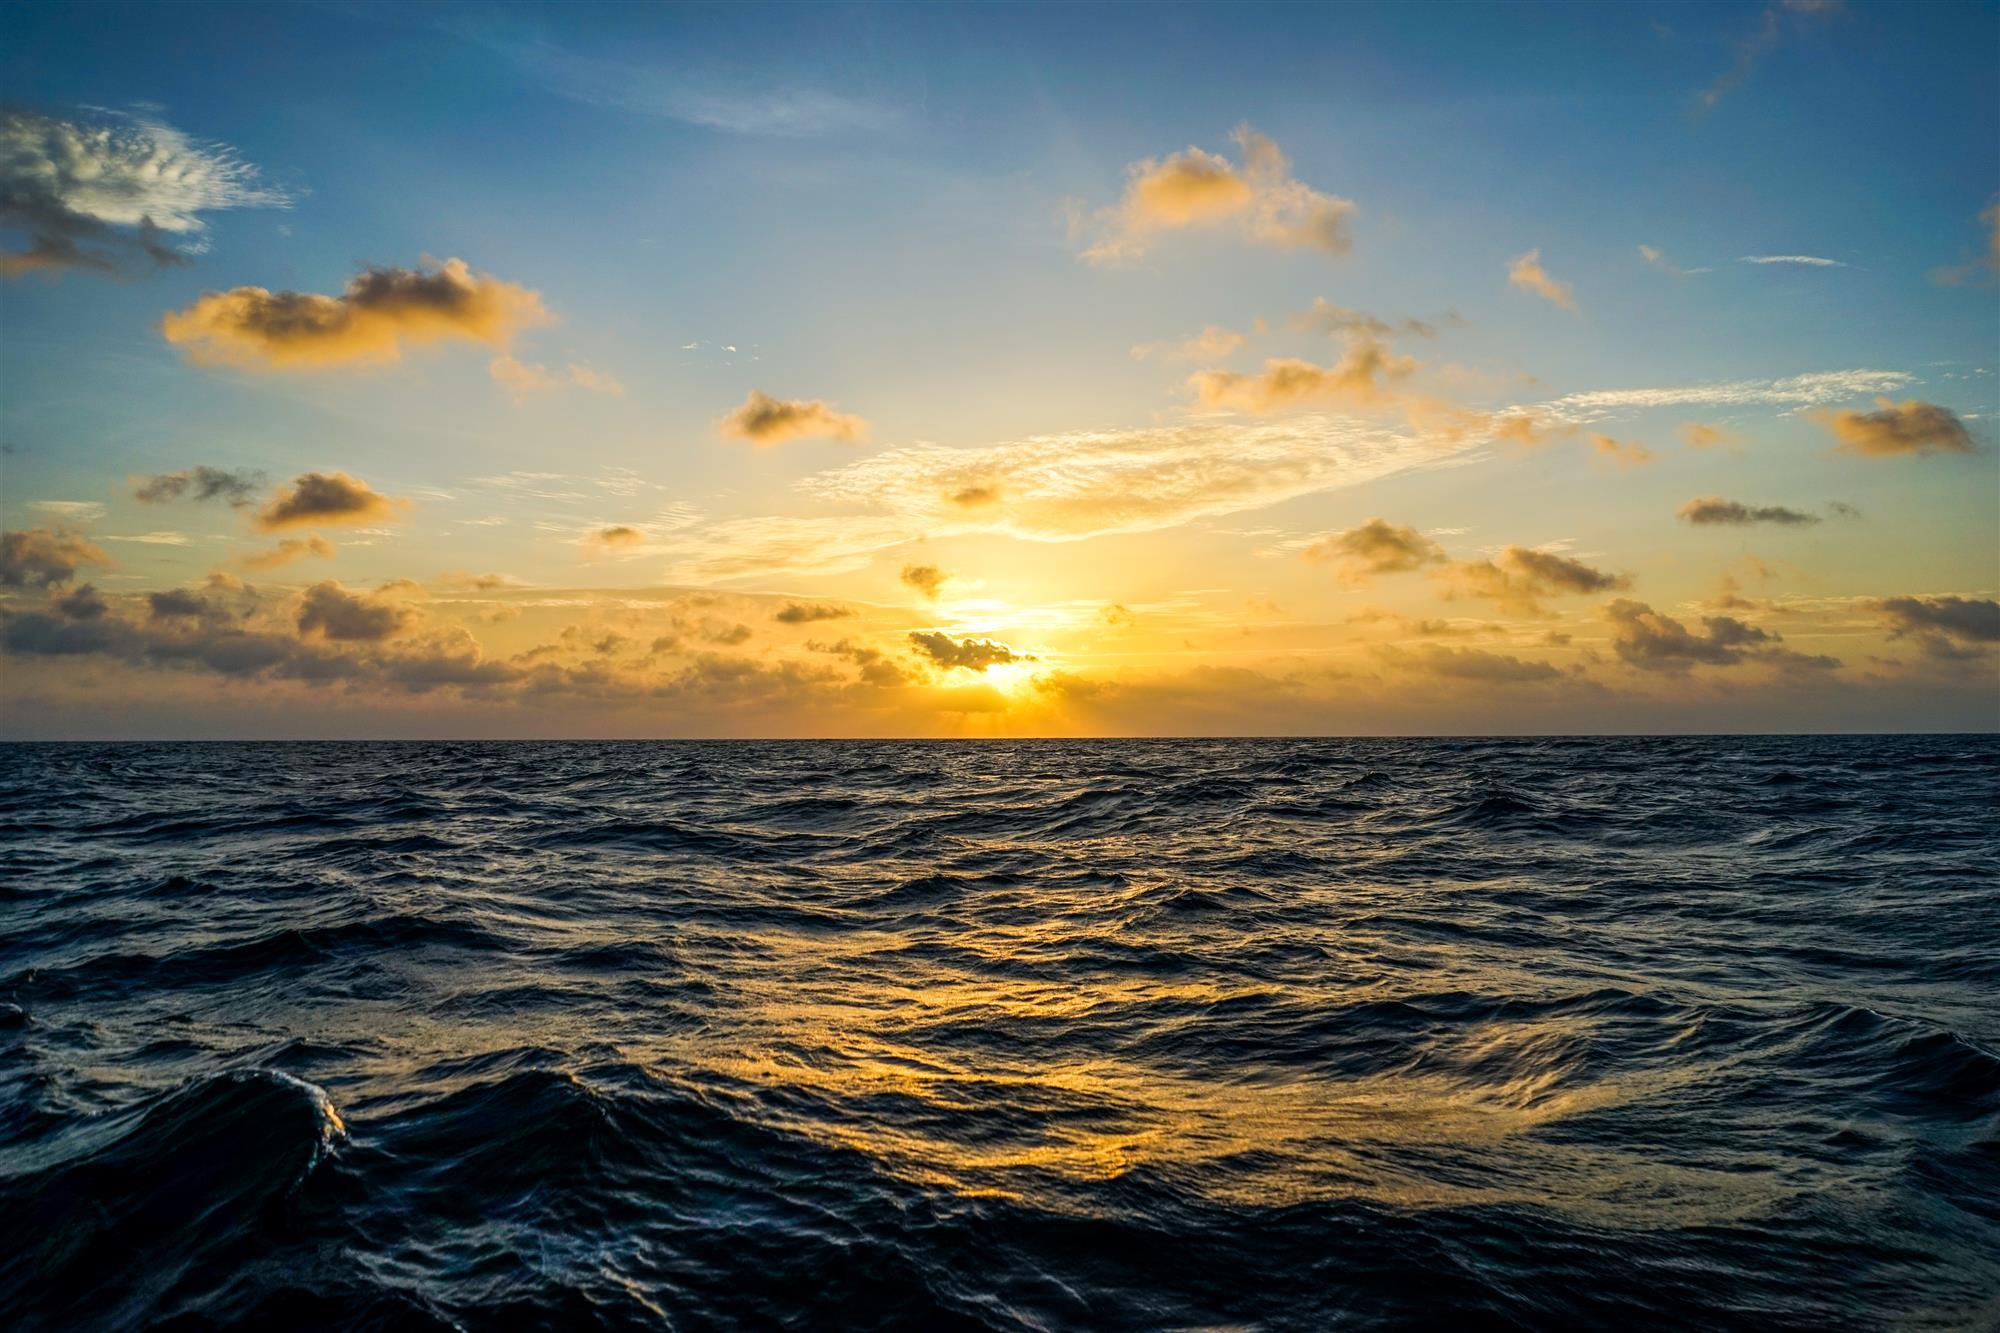 A Ciência Comprova: Água do mar prolonga a vida e pode até evitar doenças